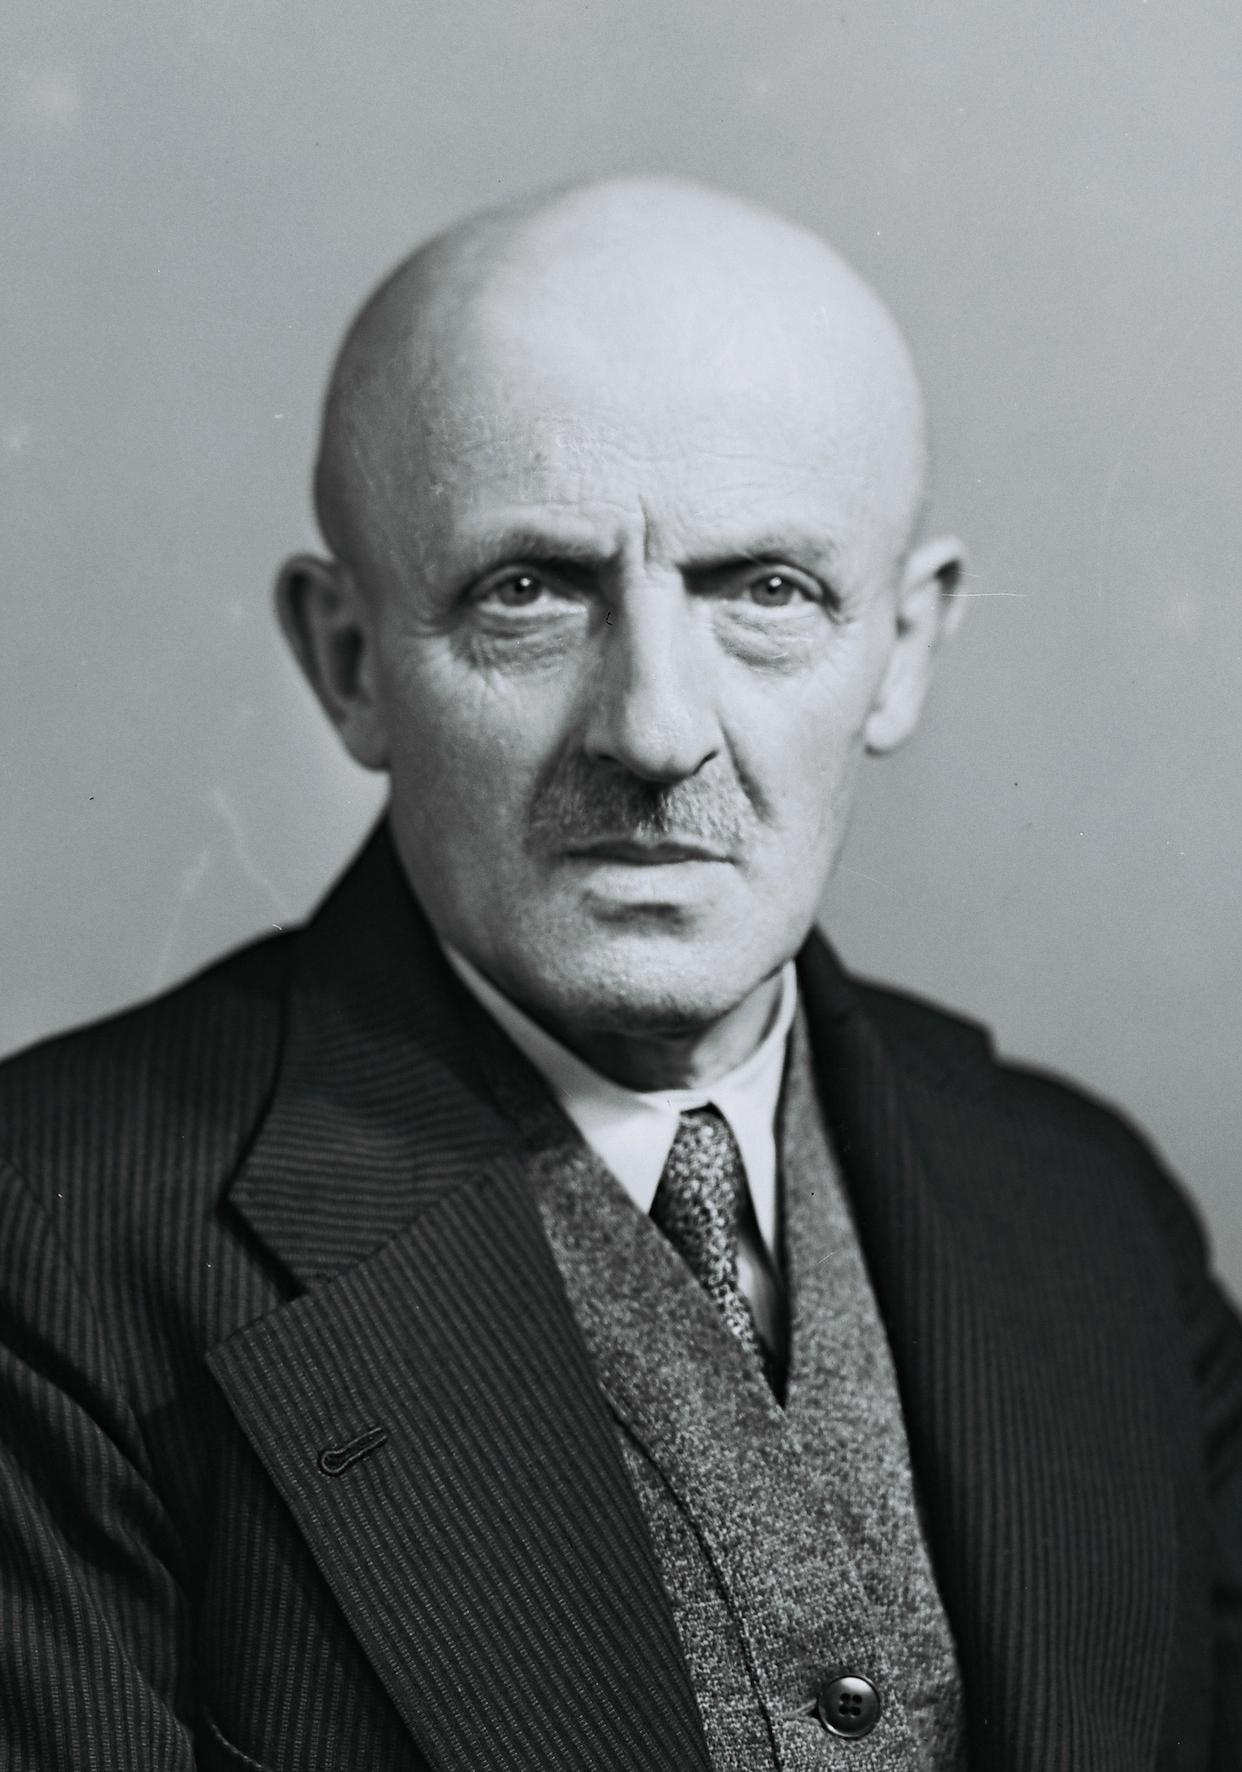 Heinemann Wieler